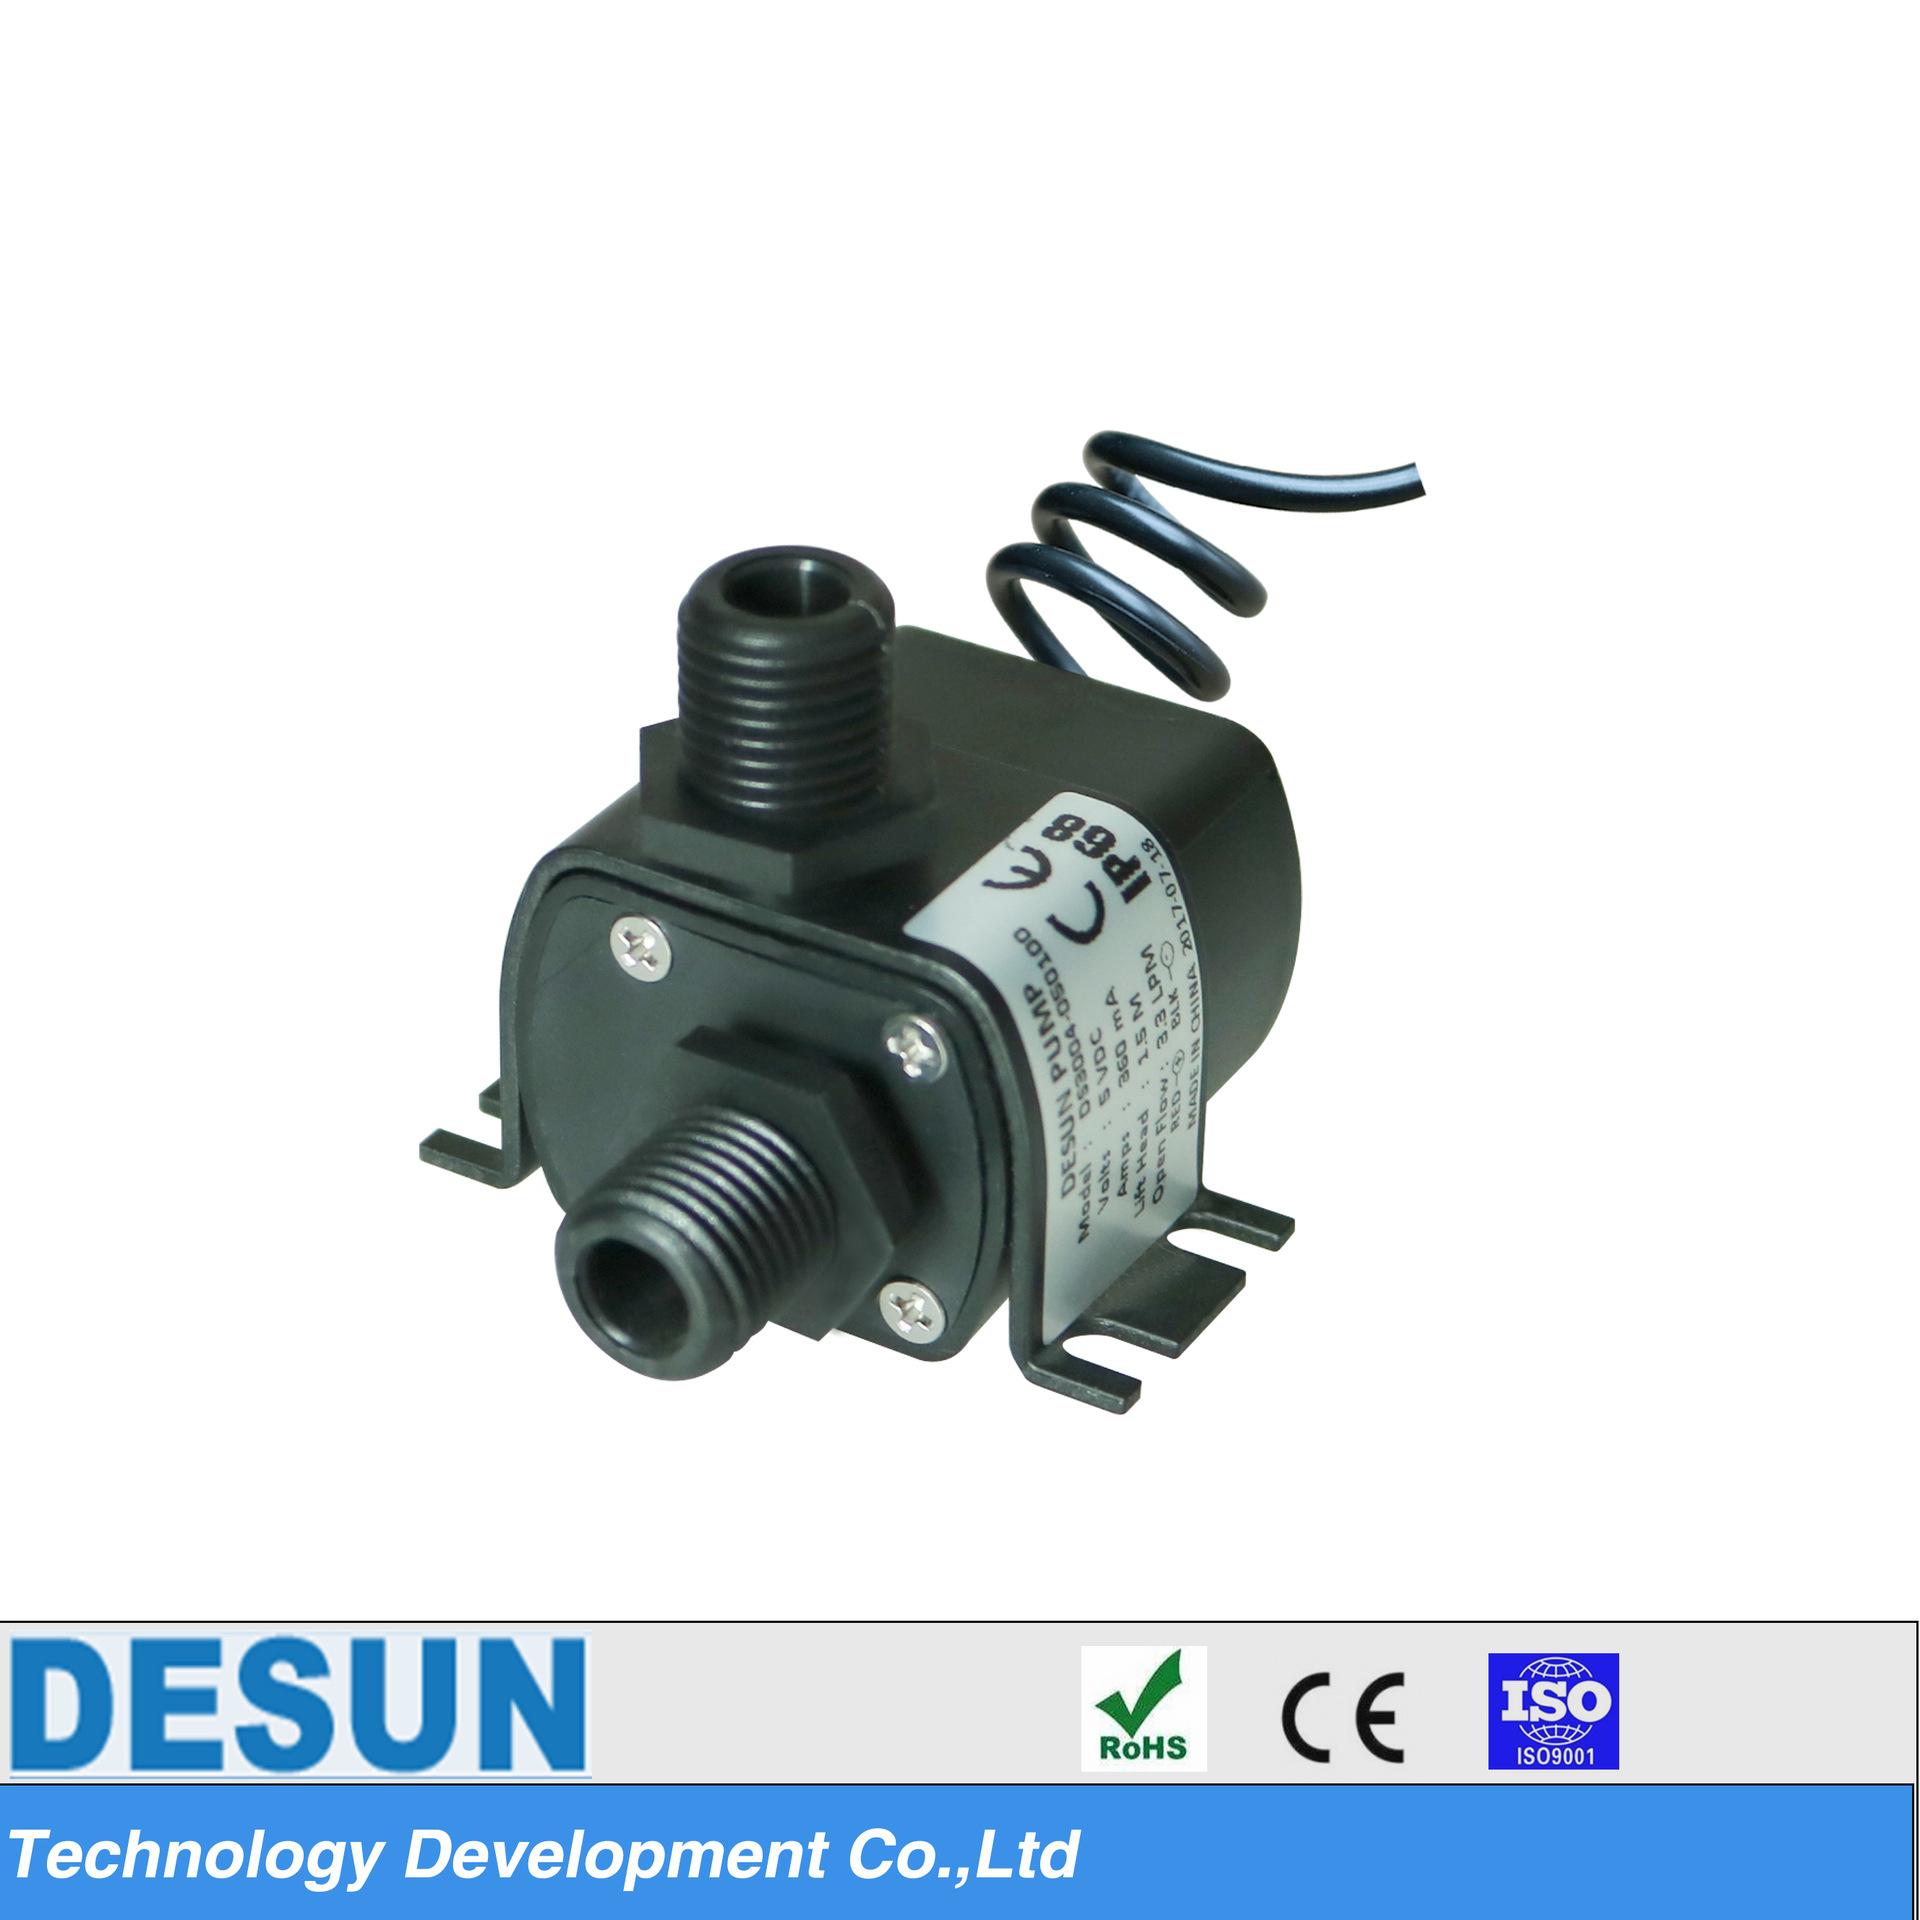 微型喷泉水泵DS3004